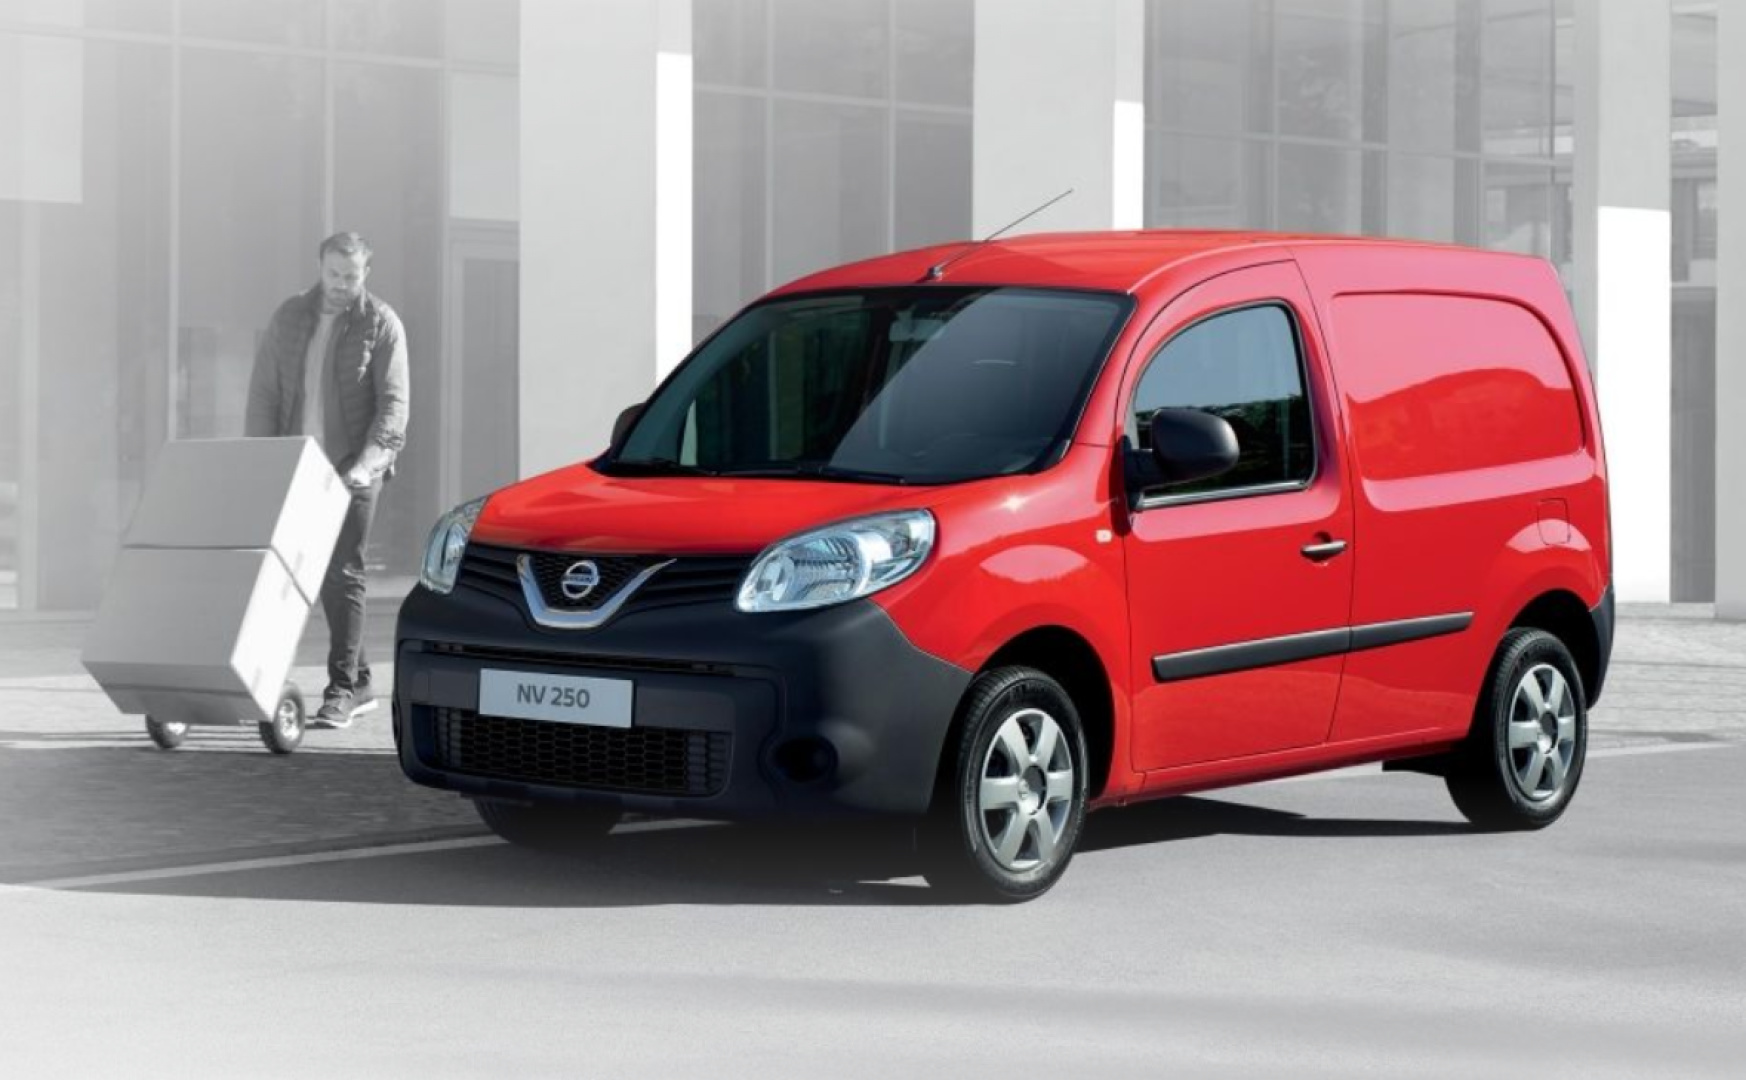 Nissan-Nissan bedrijfs wagens-2